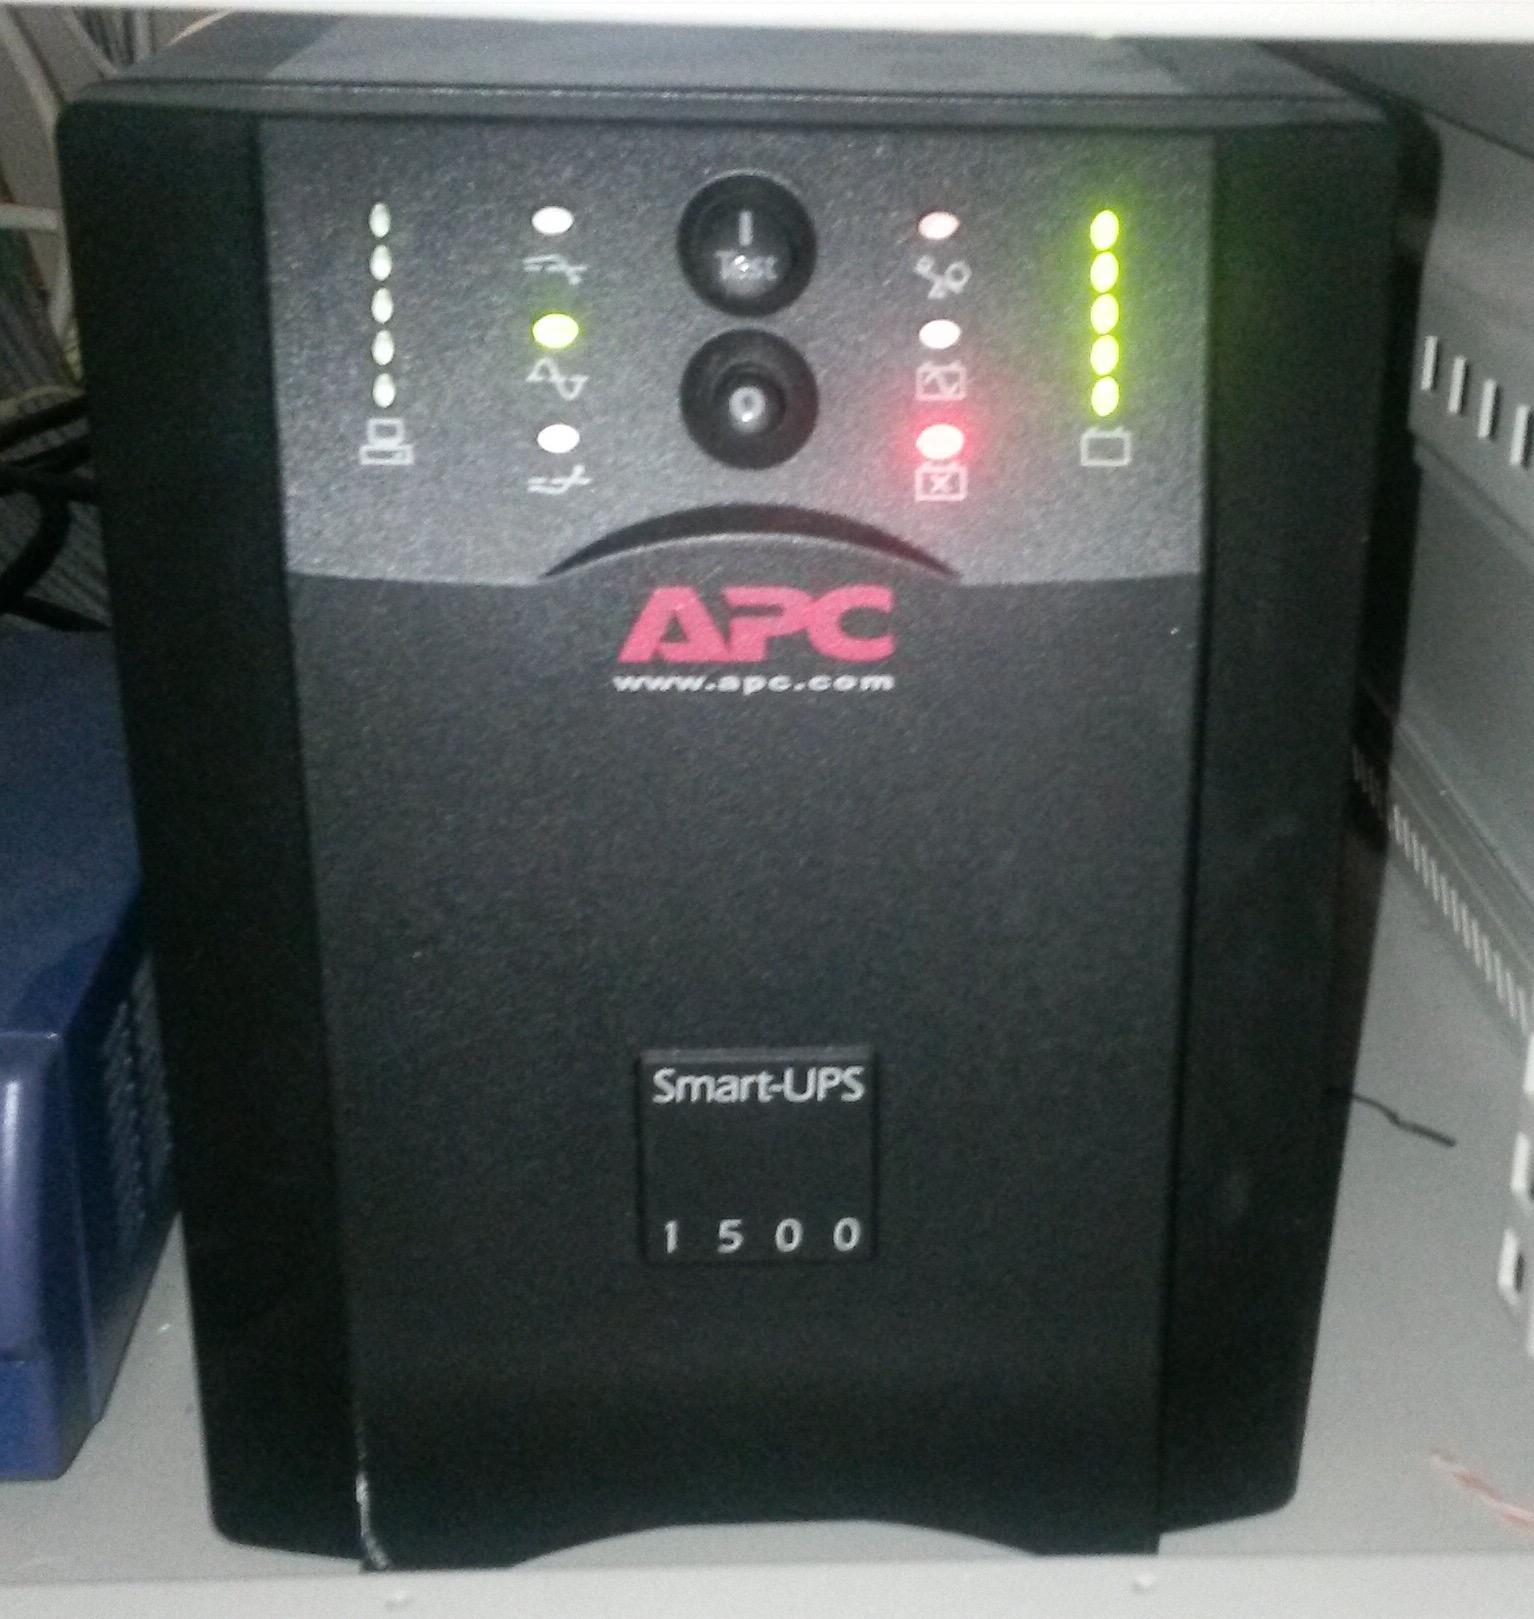 Apc Ups 1500 Serial Port Settings